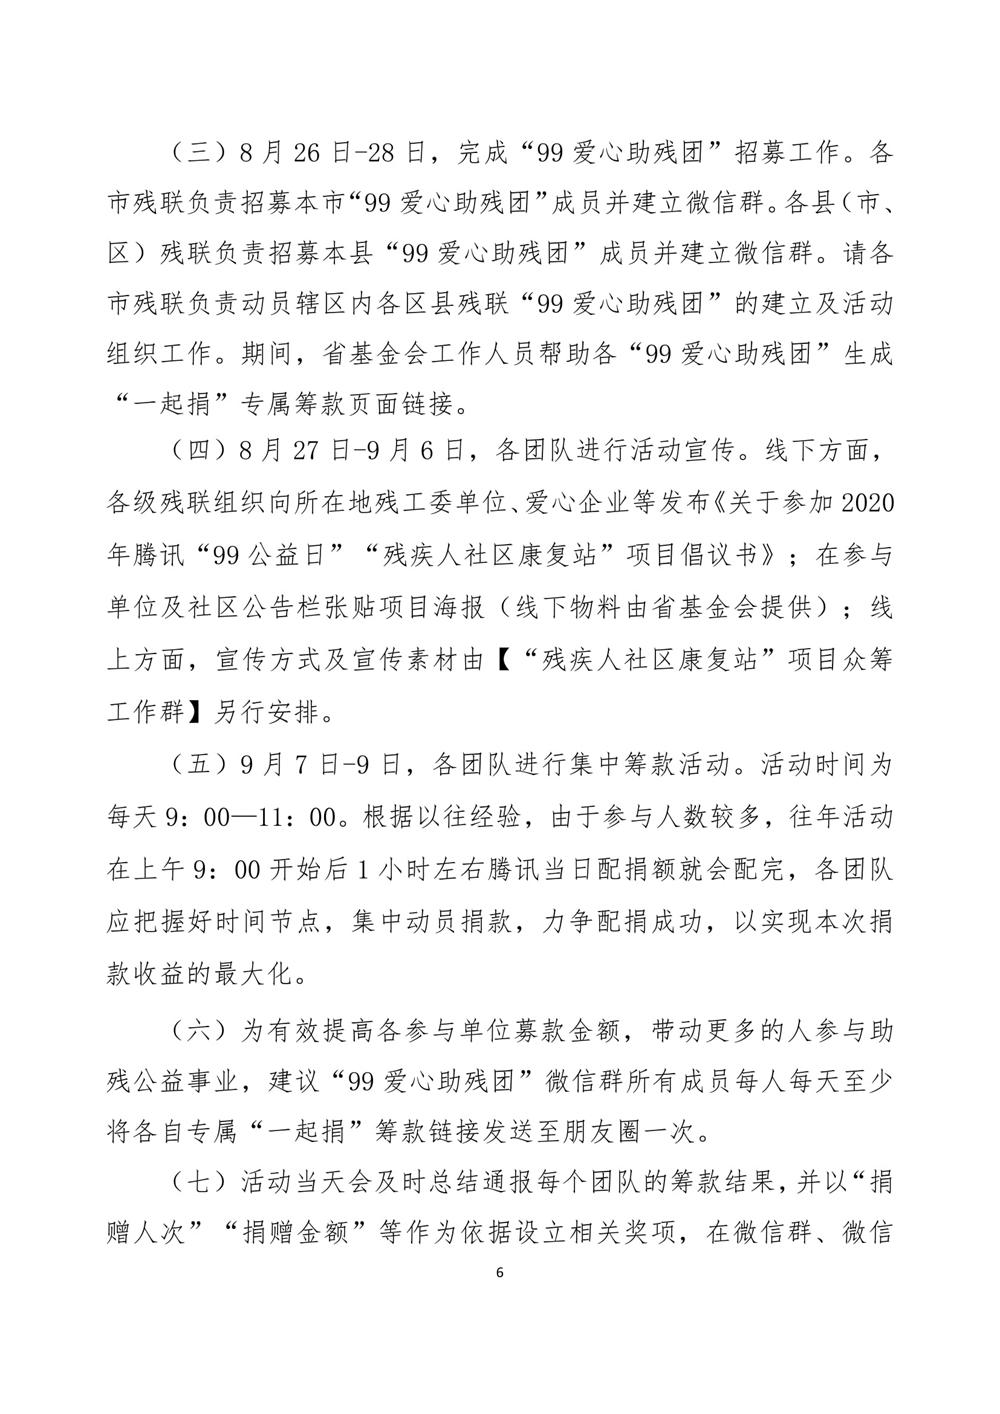 """1、关于召开2020年腾讯""""99公益日""""""""残疾人社区康复站""""项目推进会的函-6.jpg"""